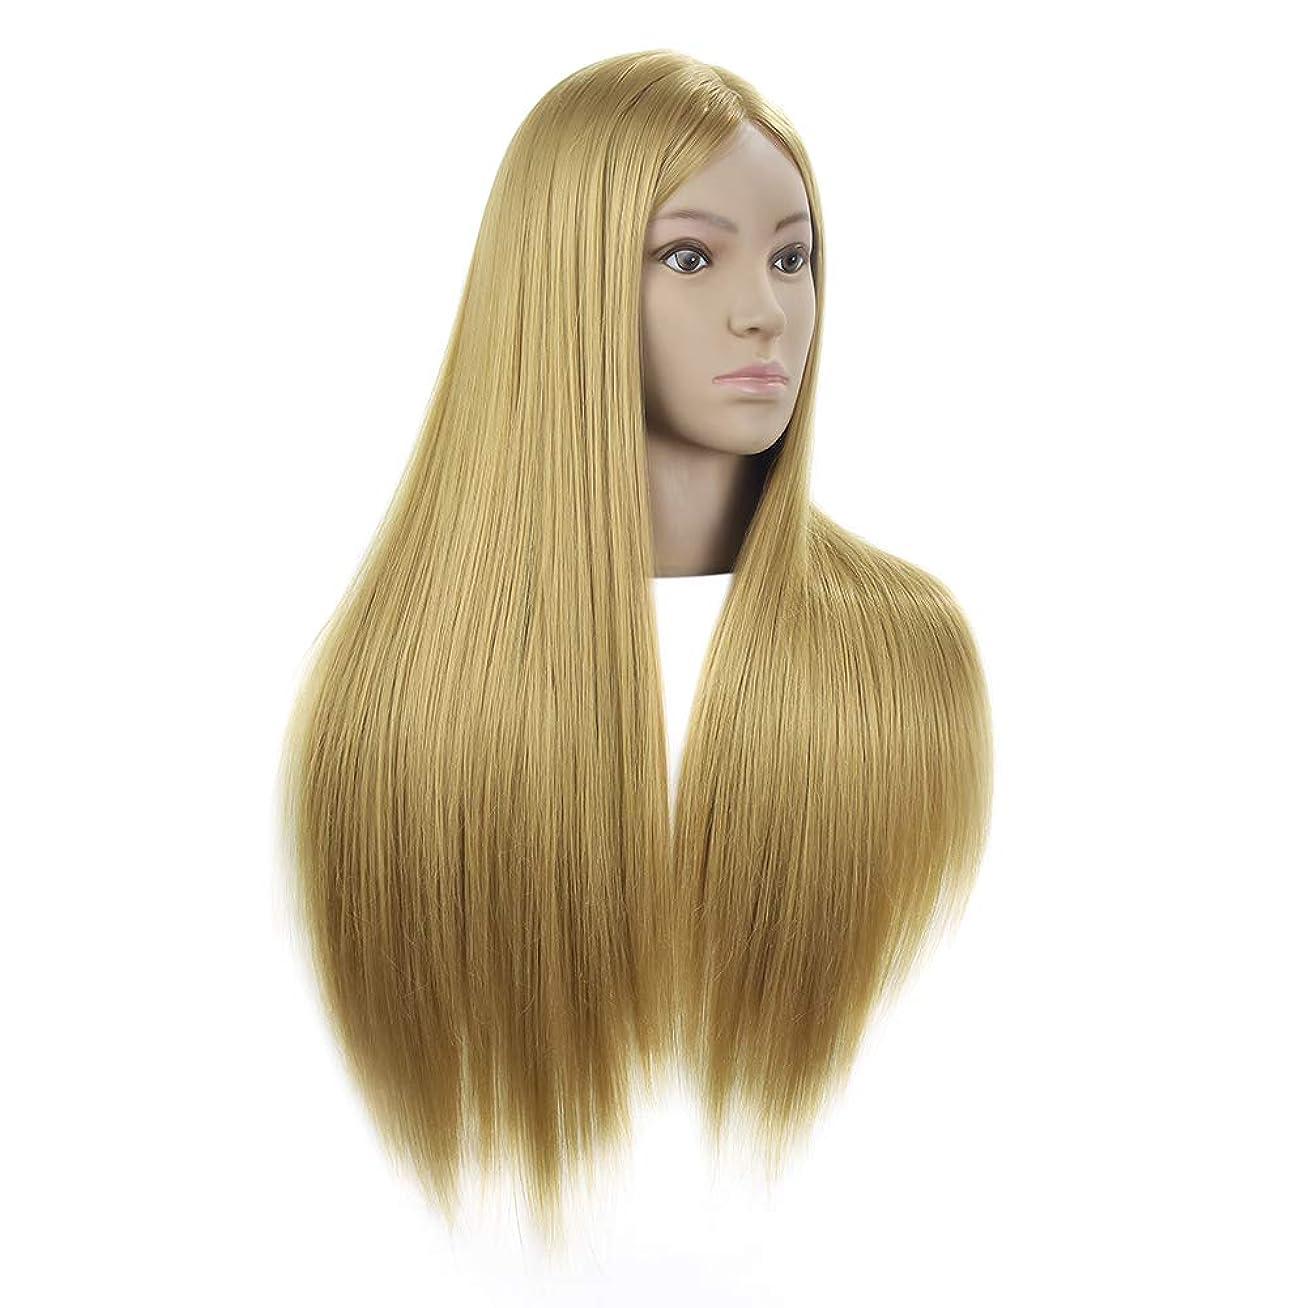 植物学者意図的リアルヘアスタイリングマネキンヘッド女性ヘッドモデル教育ヘッド理髪店編組ヘア染色学習ダミーヘッド